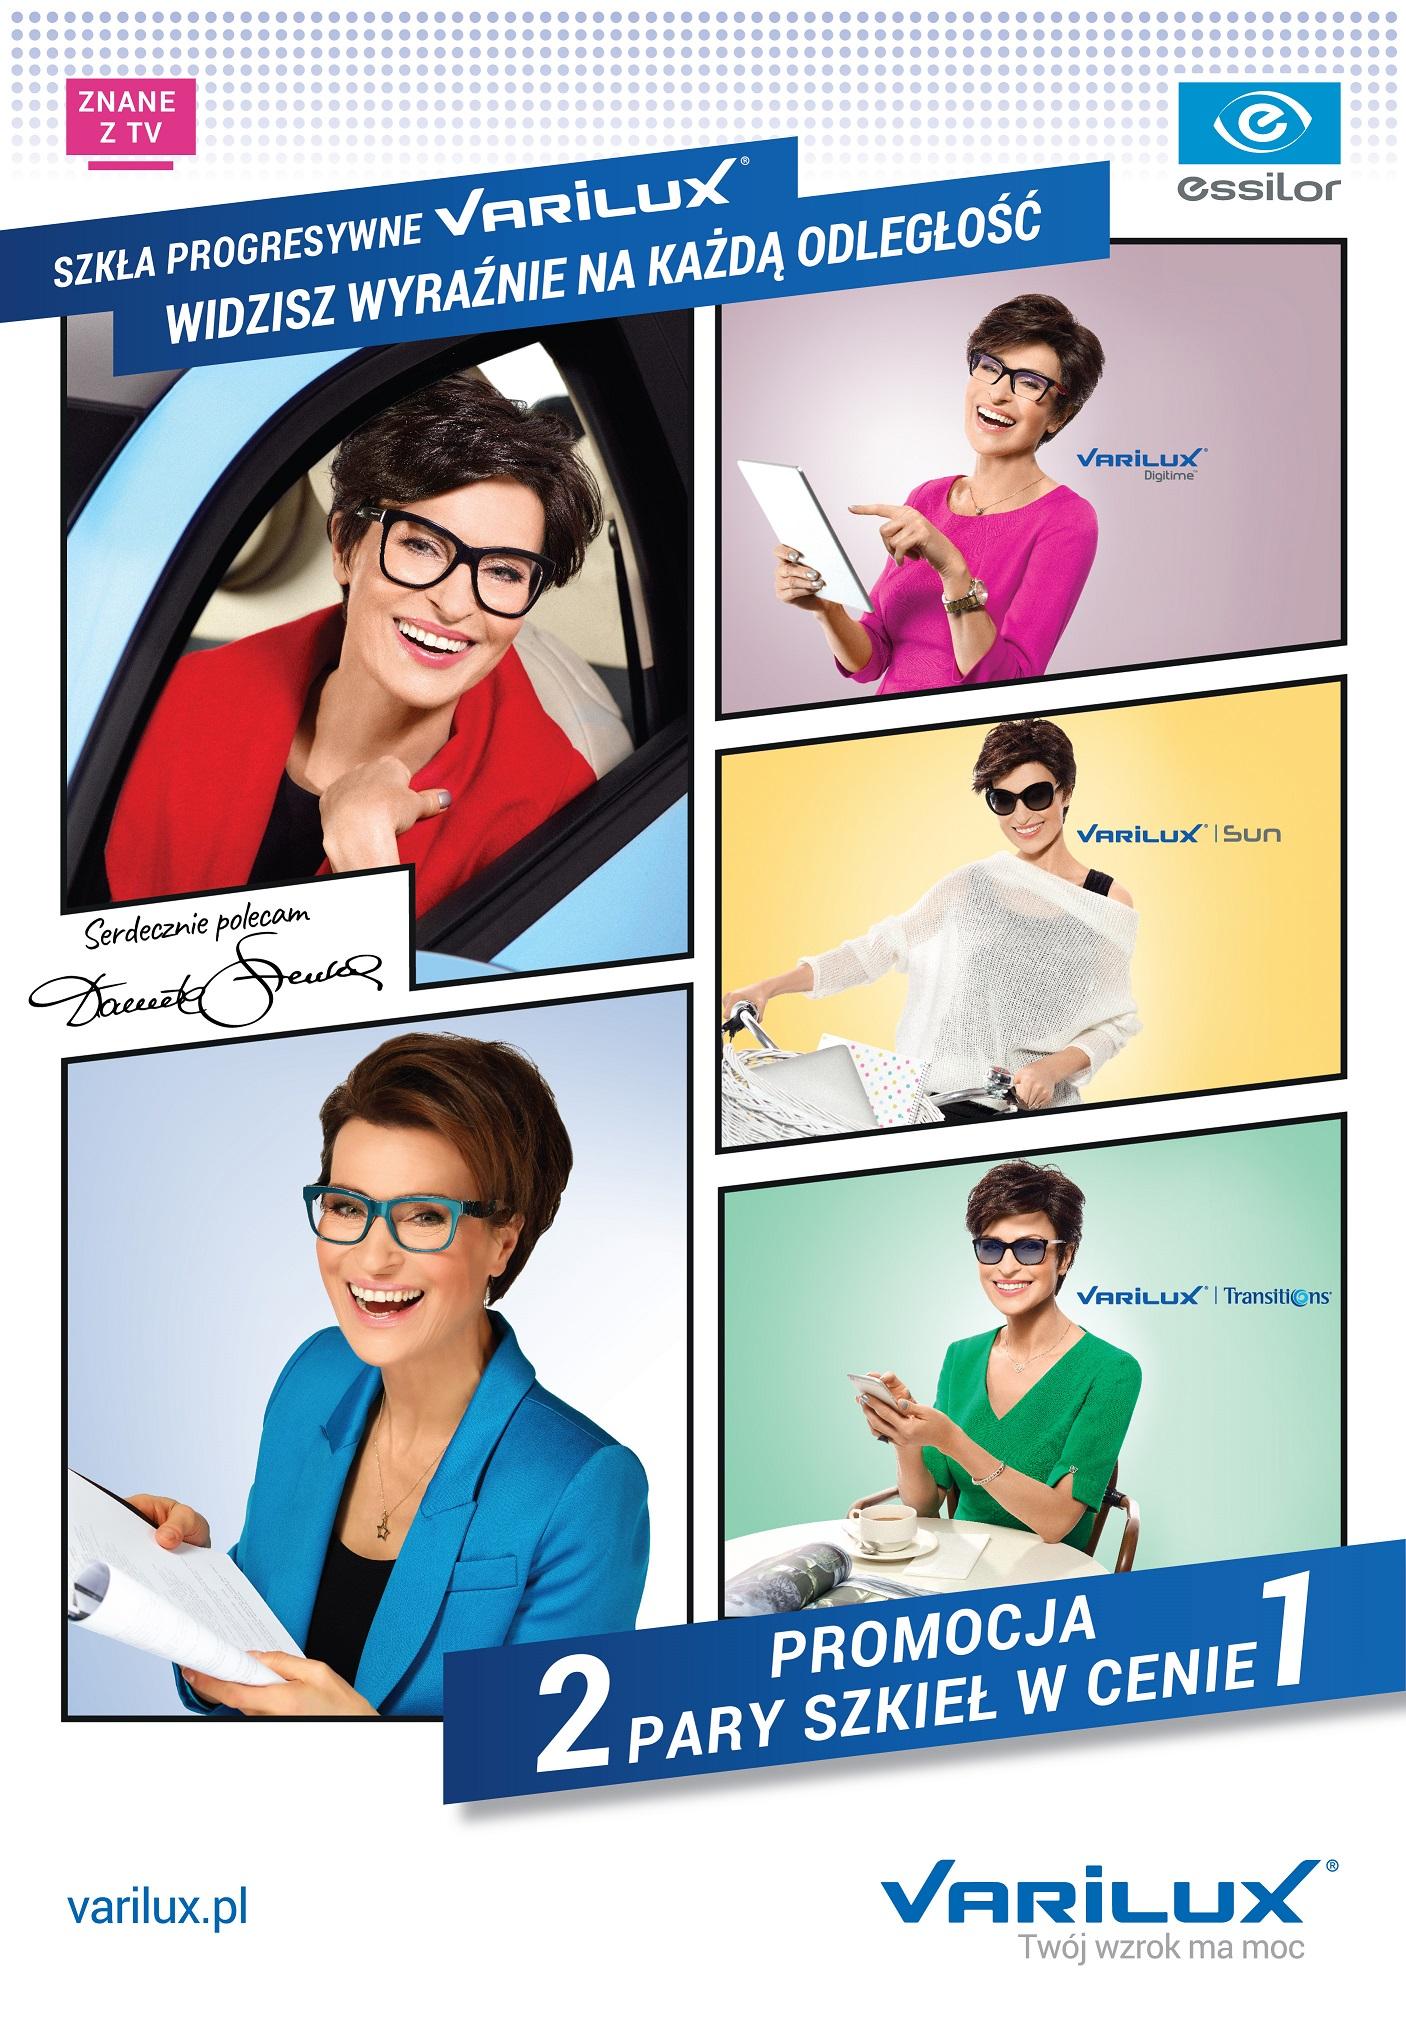 a06b4ae2487c Okulary progresywne - Wielka Kampania Varilux - promocja na szkła  progresywne